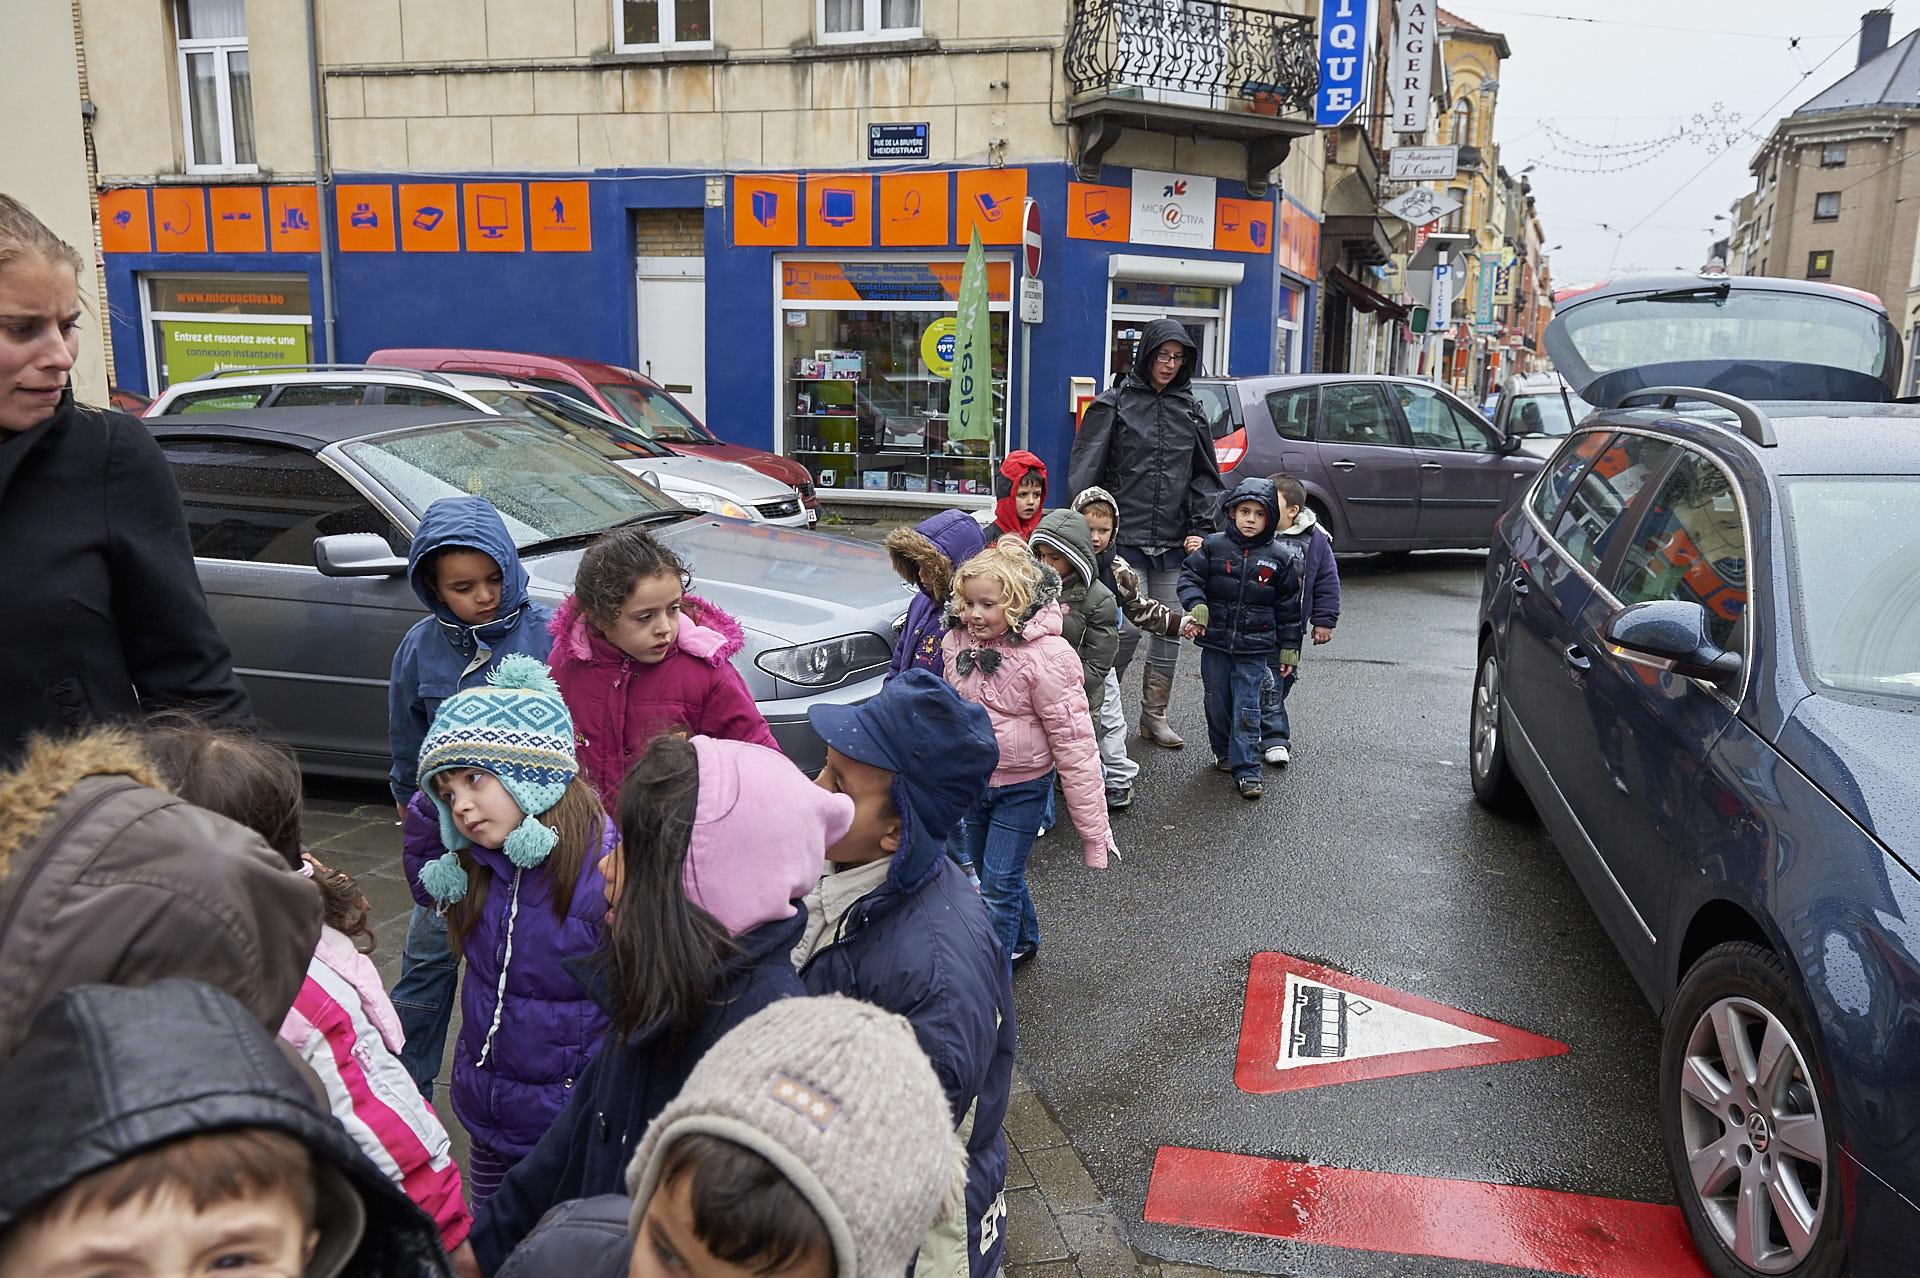 Schaerbeek, Brussel, kinderen op straat, fotografie ,Frank Penders